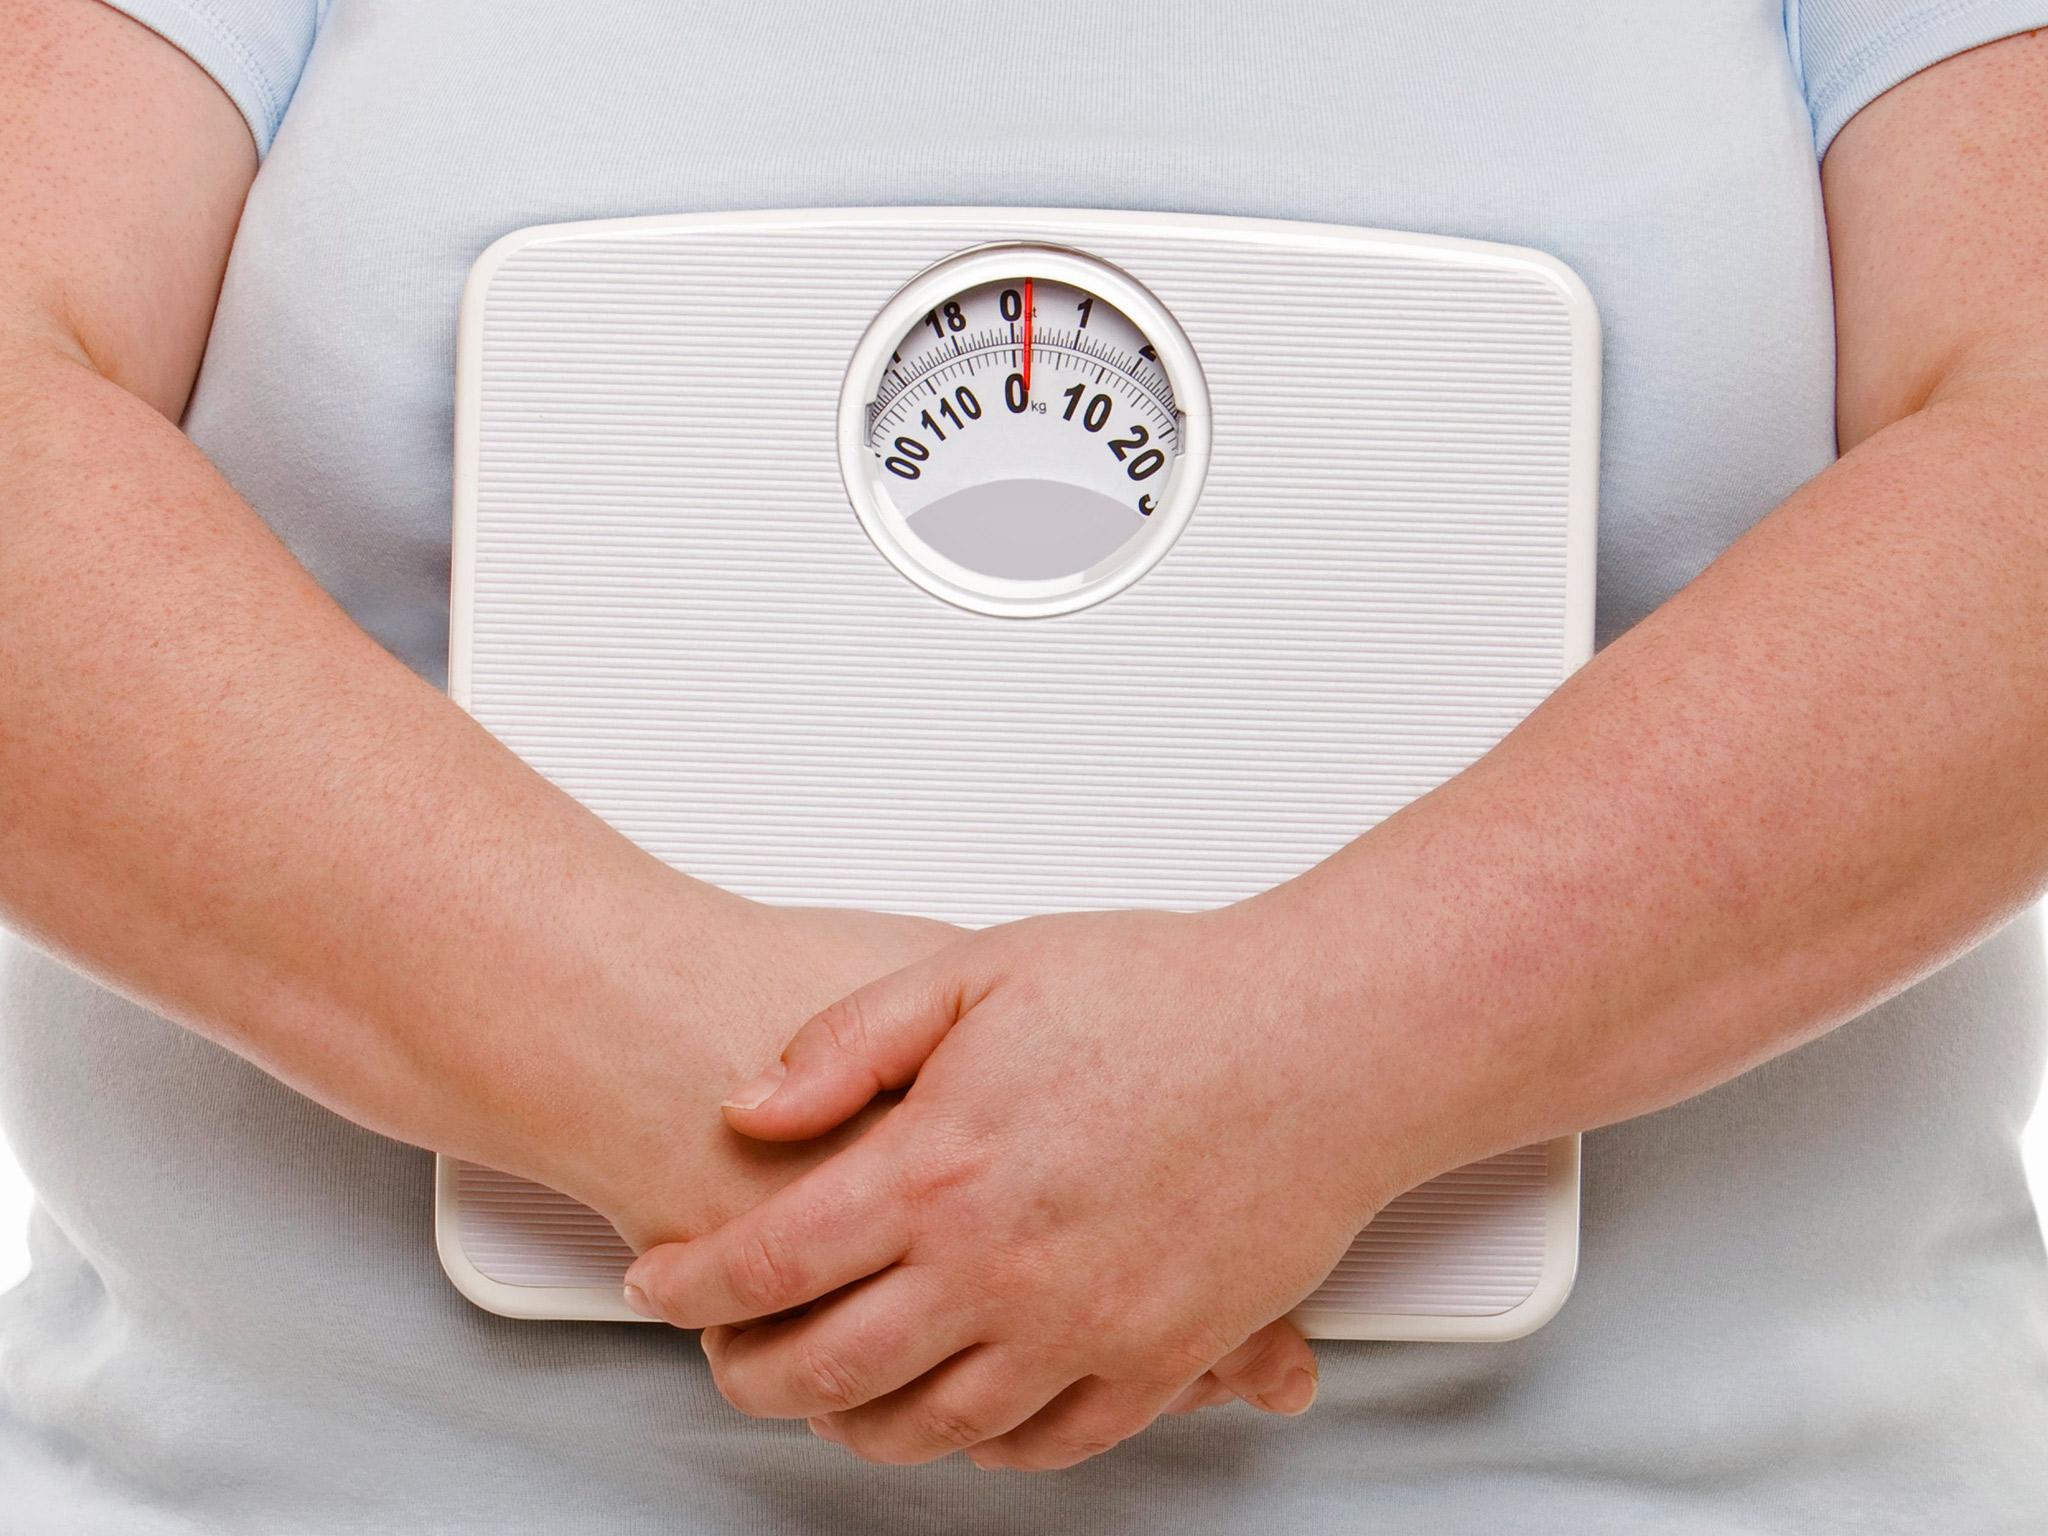 Pesquisa sobre obesidade pela Nova Medicina Germânica